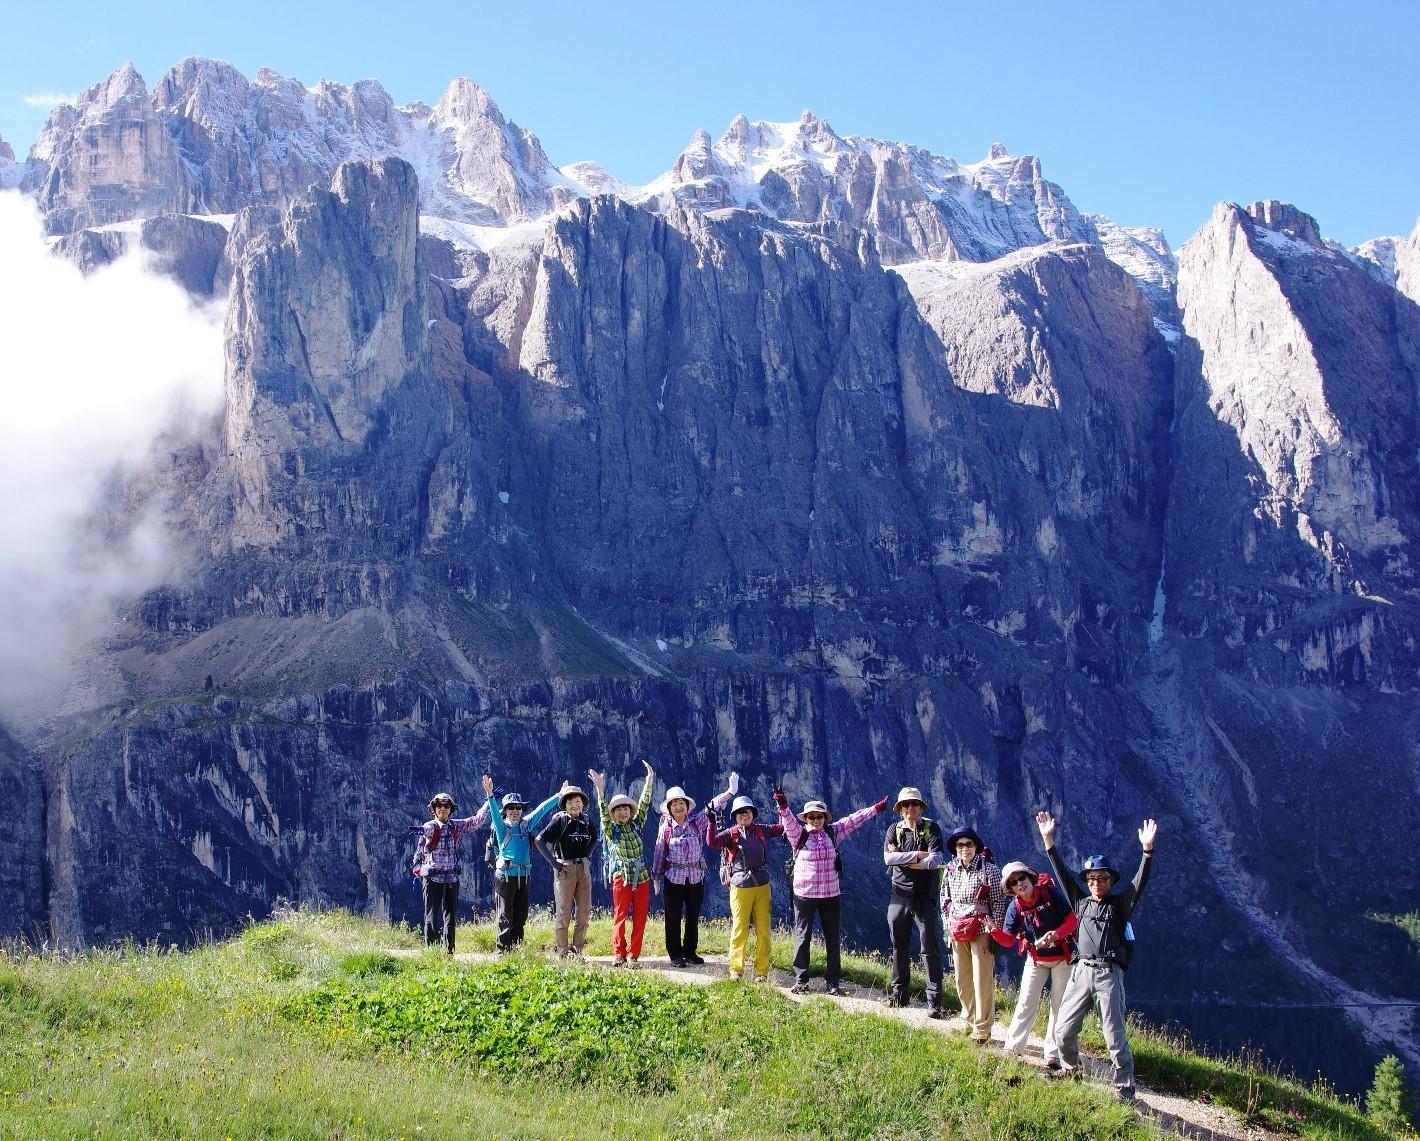 6月26日出発「チロル・ドロミテ満喫ハイキング、絶景の山小屋宿泊とベネチア 13日間」